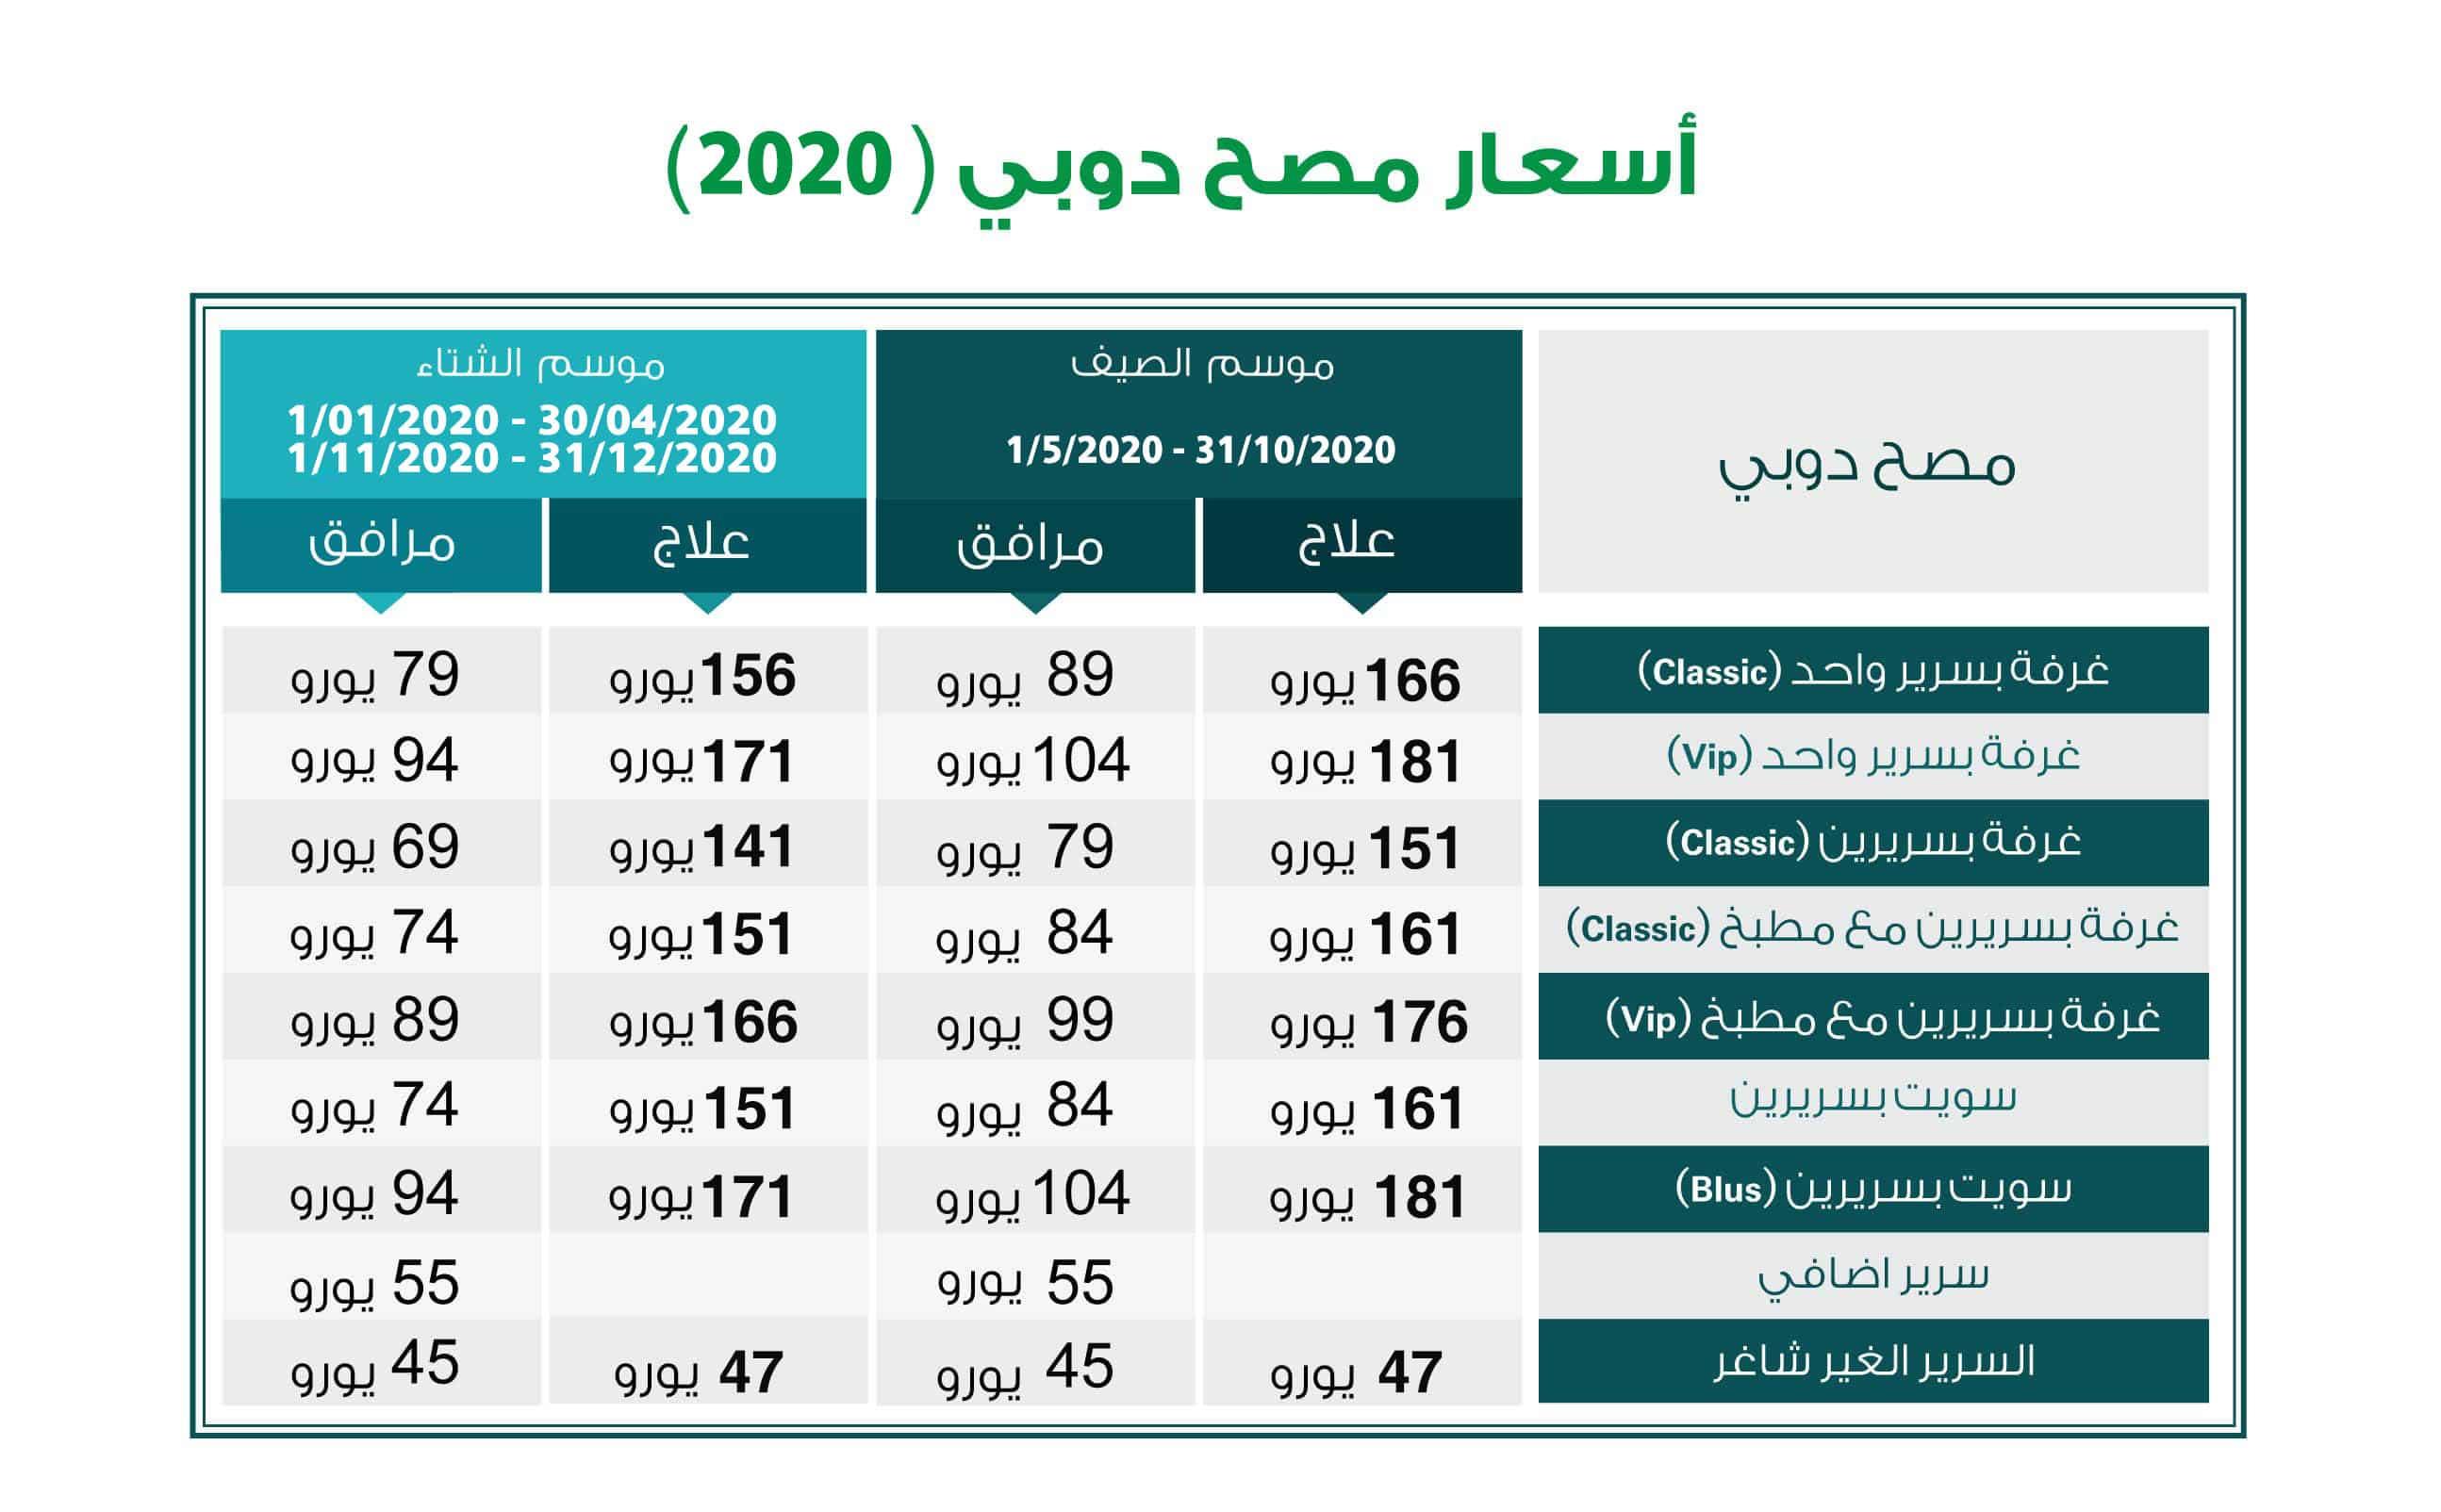 دوبى 2020 - مصح دوبي